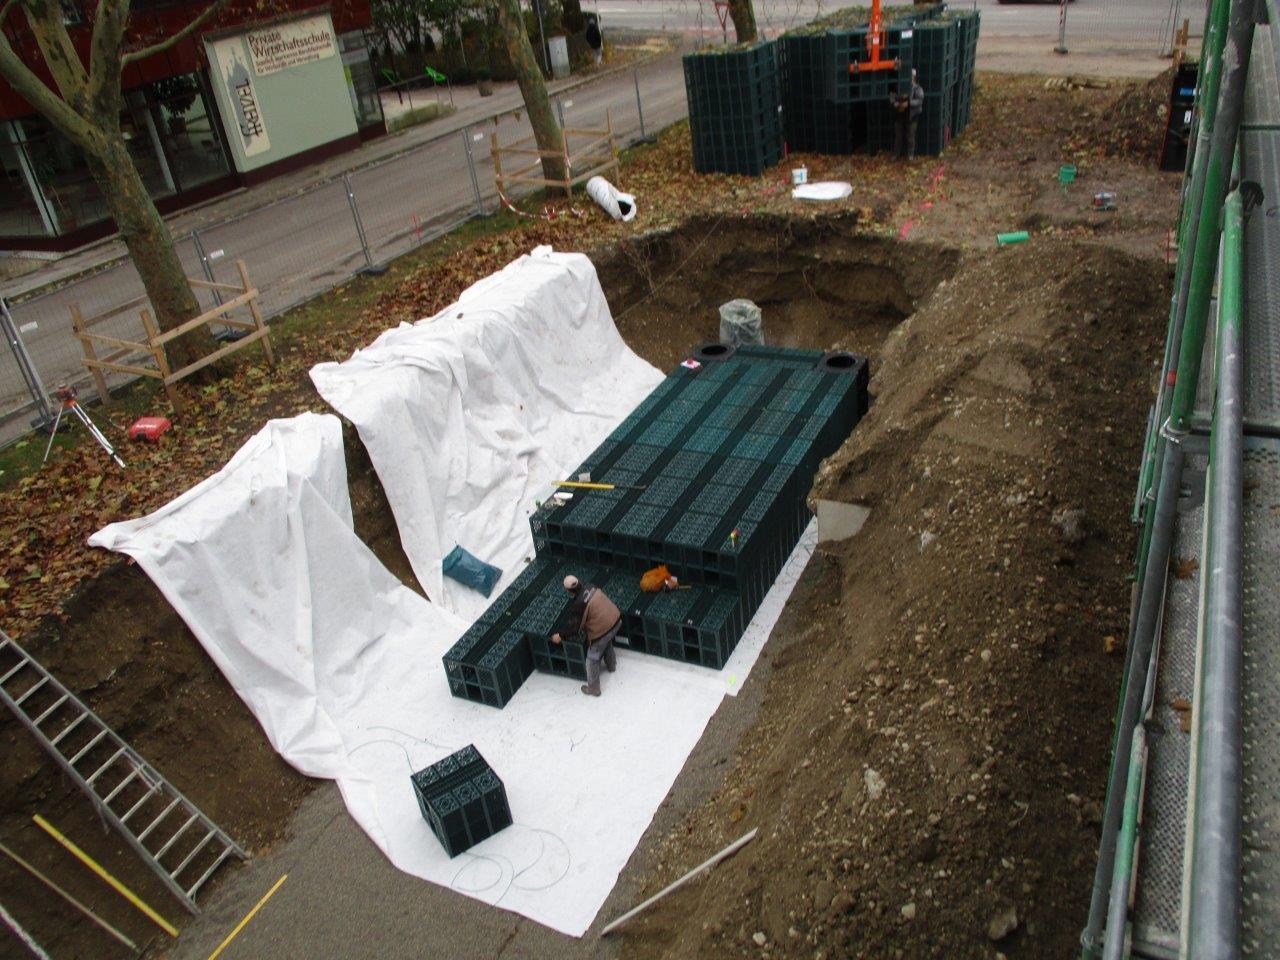 Die einzelnen Entwässerungskörbe sorgen für die gleichmäßige Einleitung des Regenwassers, umwickelt werden sie mit einem Vlies.